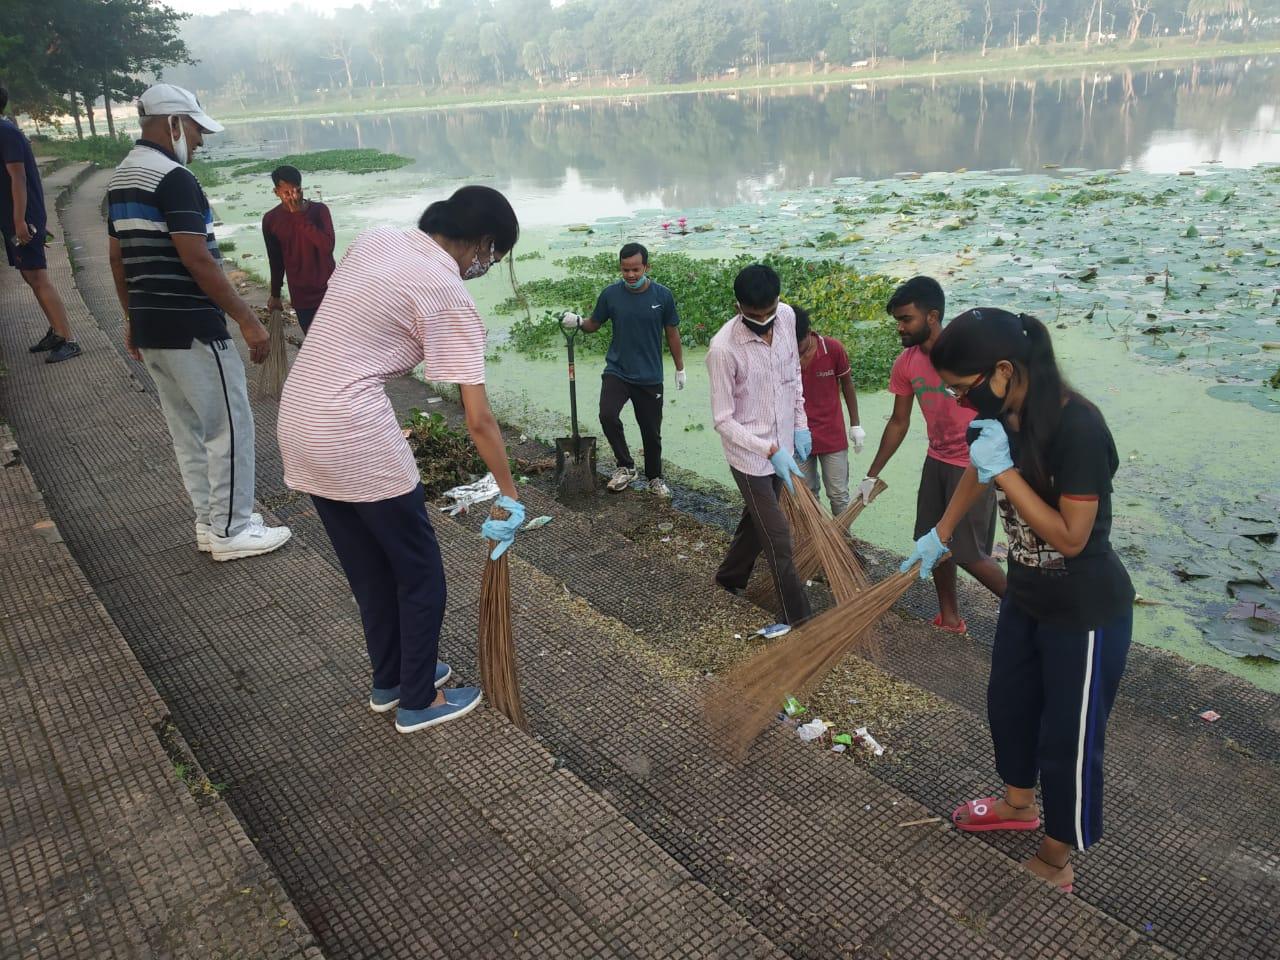 तैराकी संघ व सामाजिक कार्यकर्ताओं ने की झील परिसर की सफाई